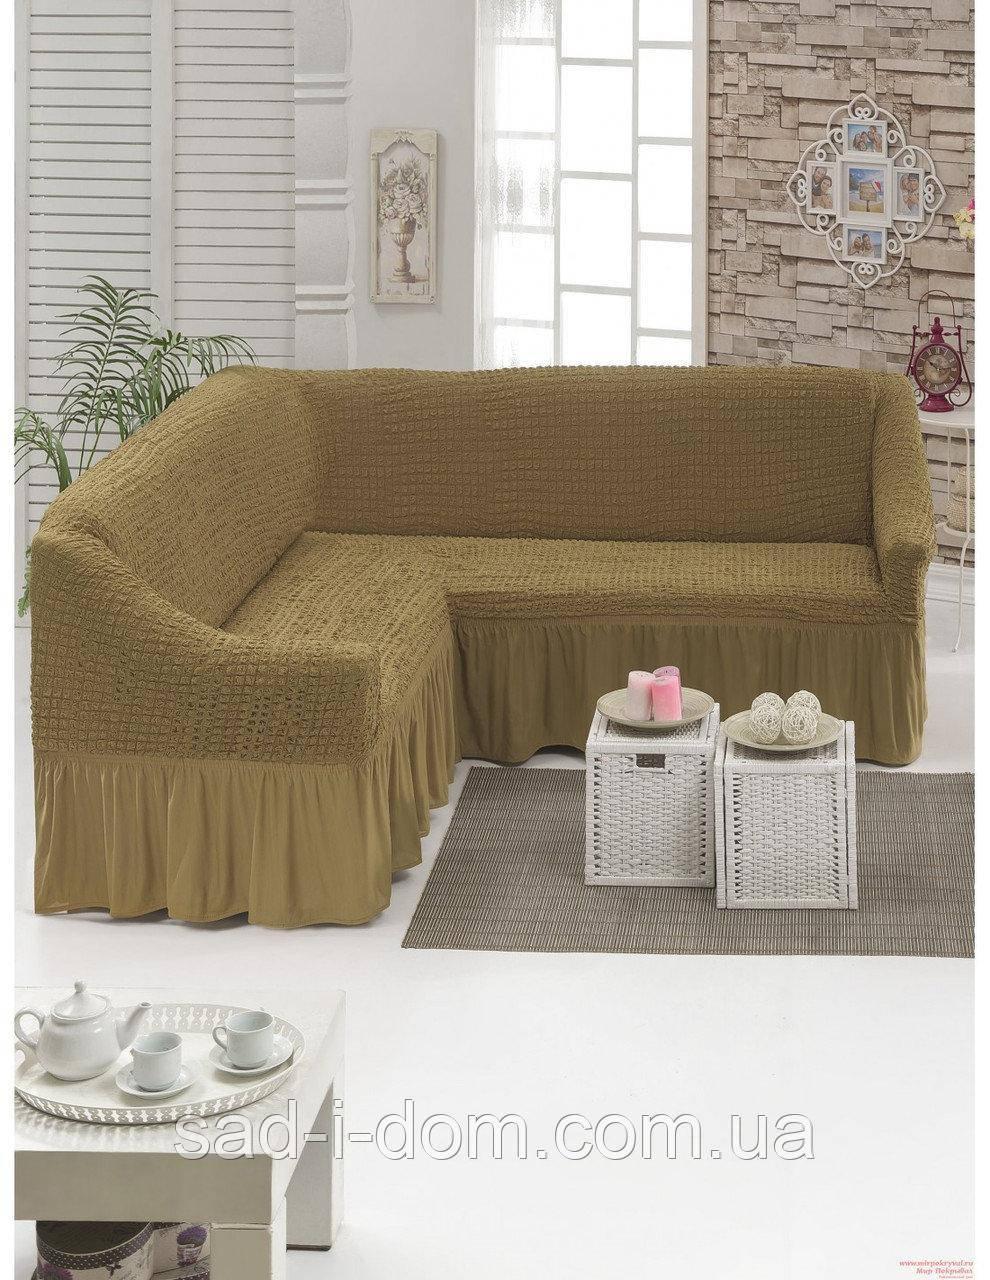 Чехол на угловой диван и кресло, цвет кофе с молоком